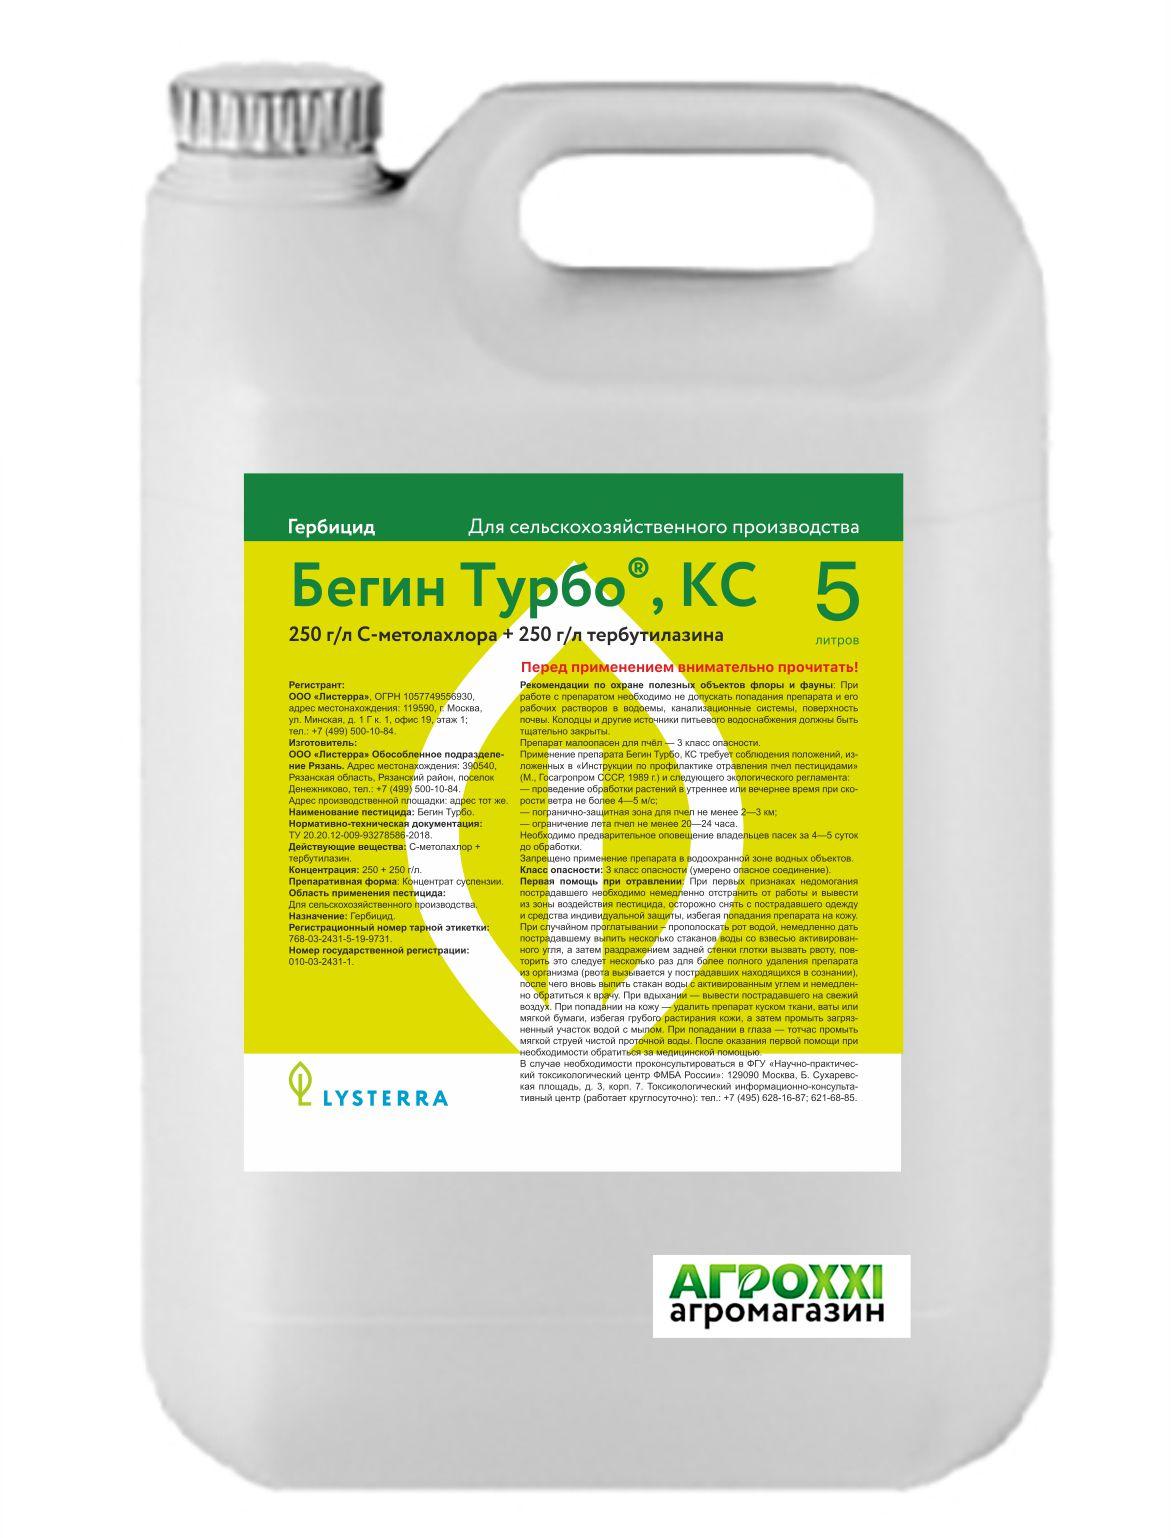 Бегин Турбо (250 г/л тербутилазина + 250 г/л С-метолахлора) - довсходовый смесевый селективный гербицид против однолетних злаковых и двудольных сорняков в посевах подсолнечника и кукурузы - фото